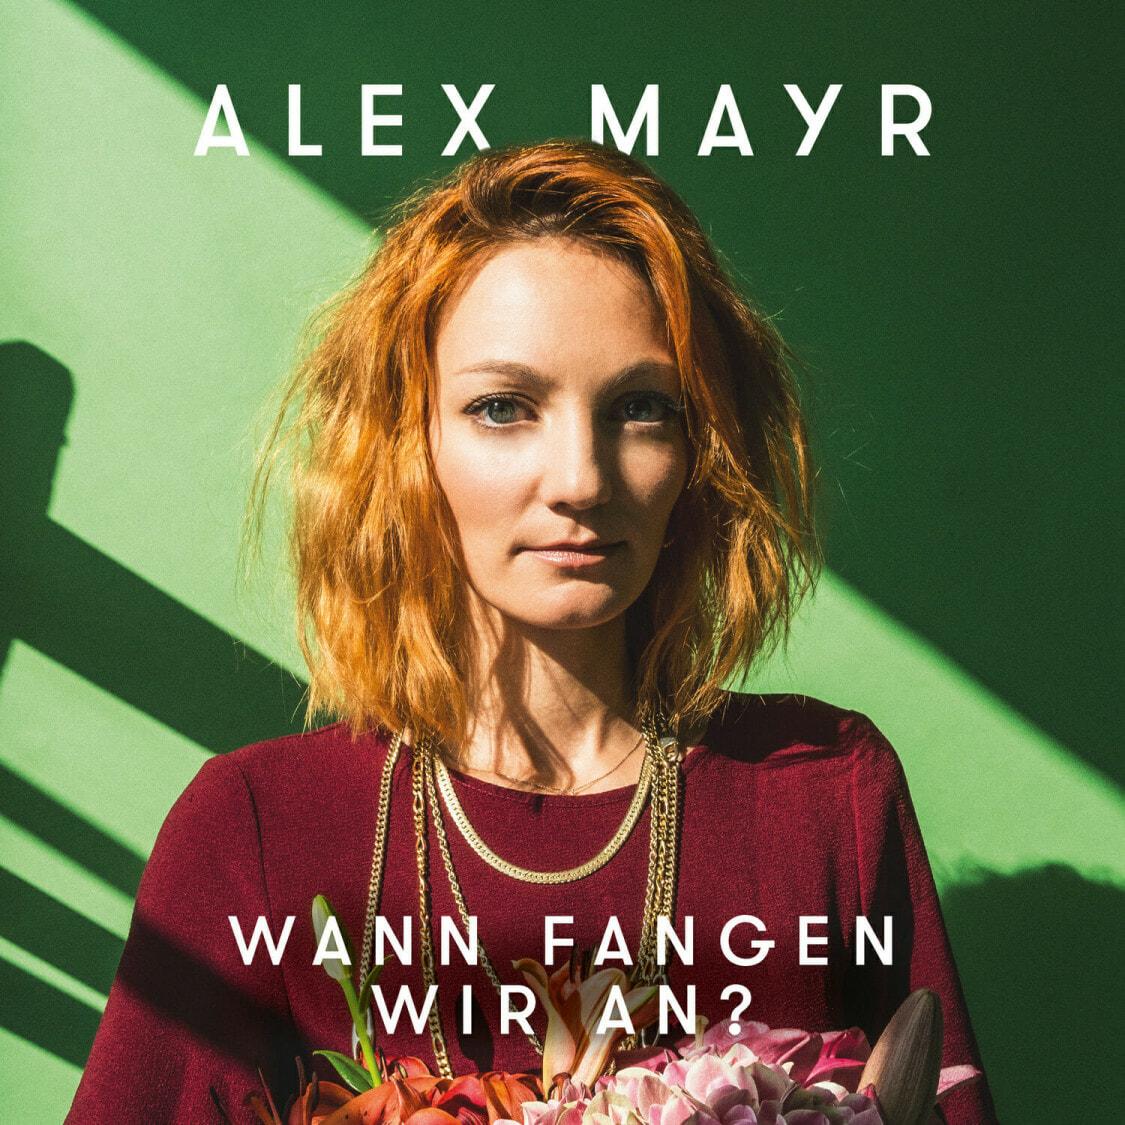 Alex Mayr - Wann fangen wir an? | recordJet